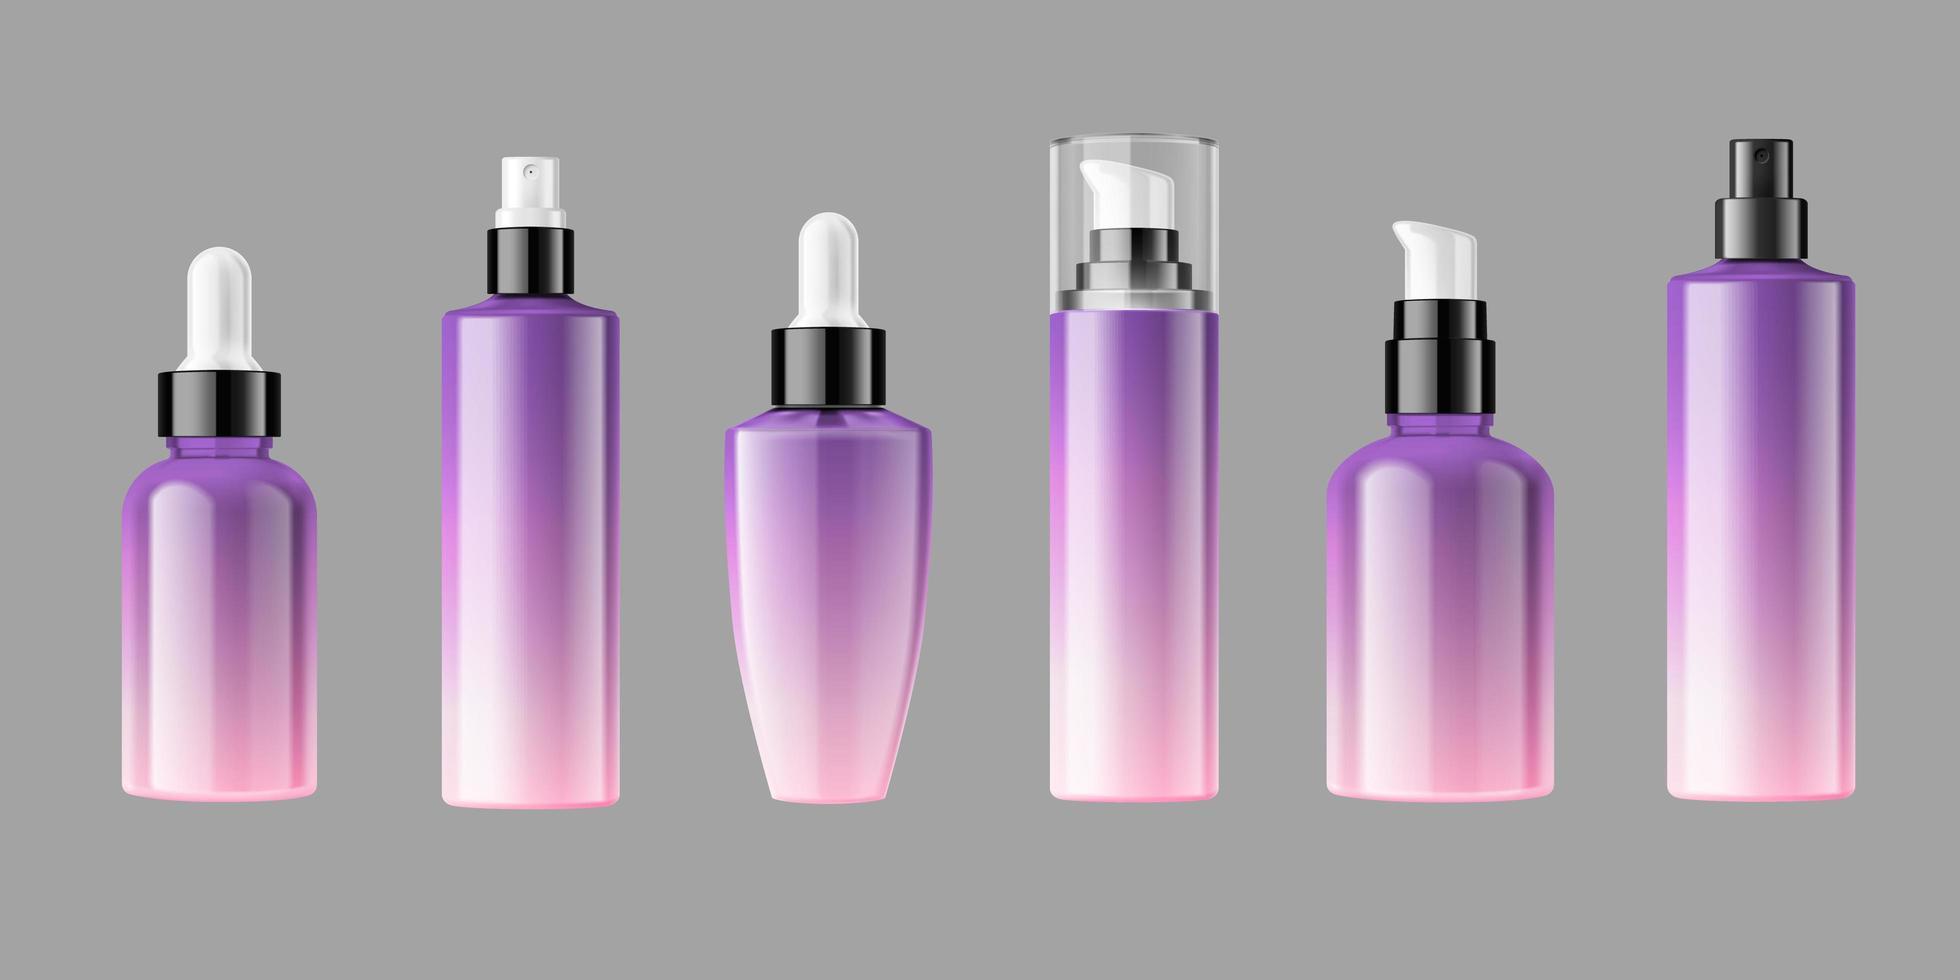 mockup d'imballaggio in bianco delle bottiglie cosmetiche vettore